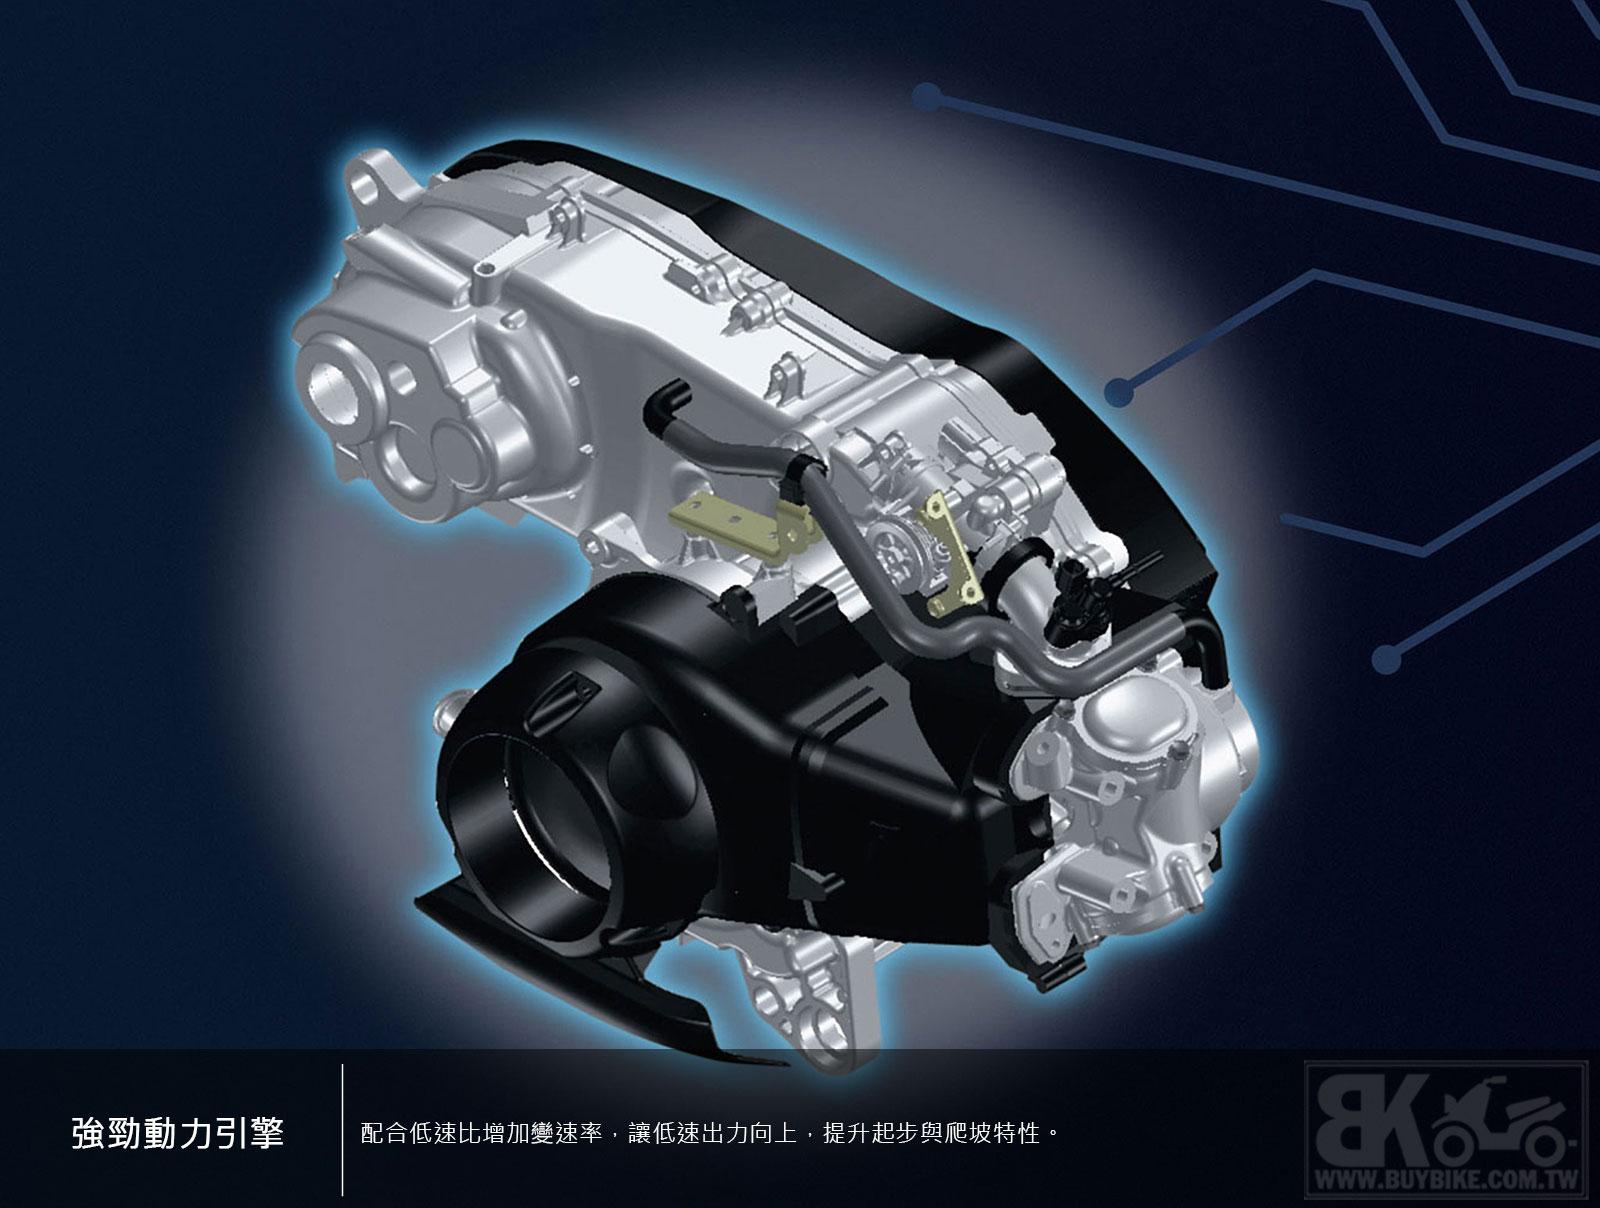 01.強勁動力引擎